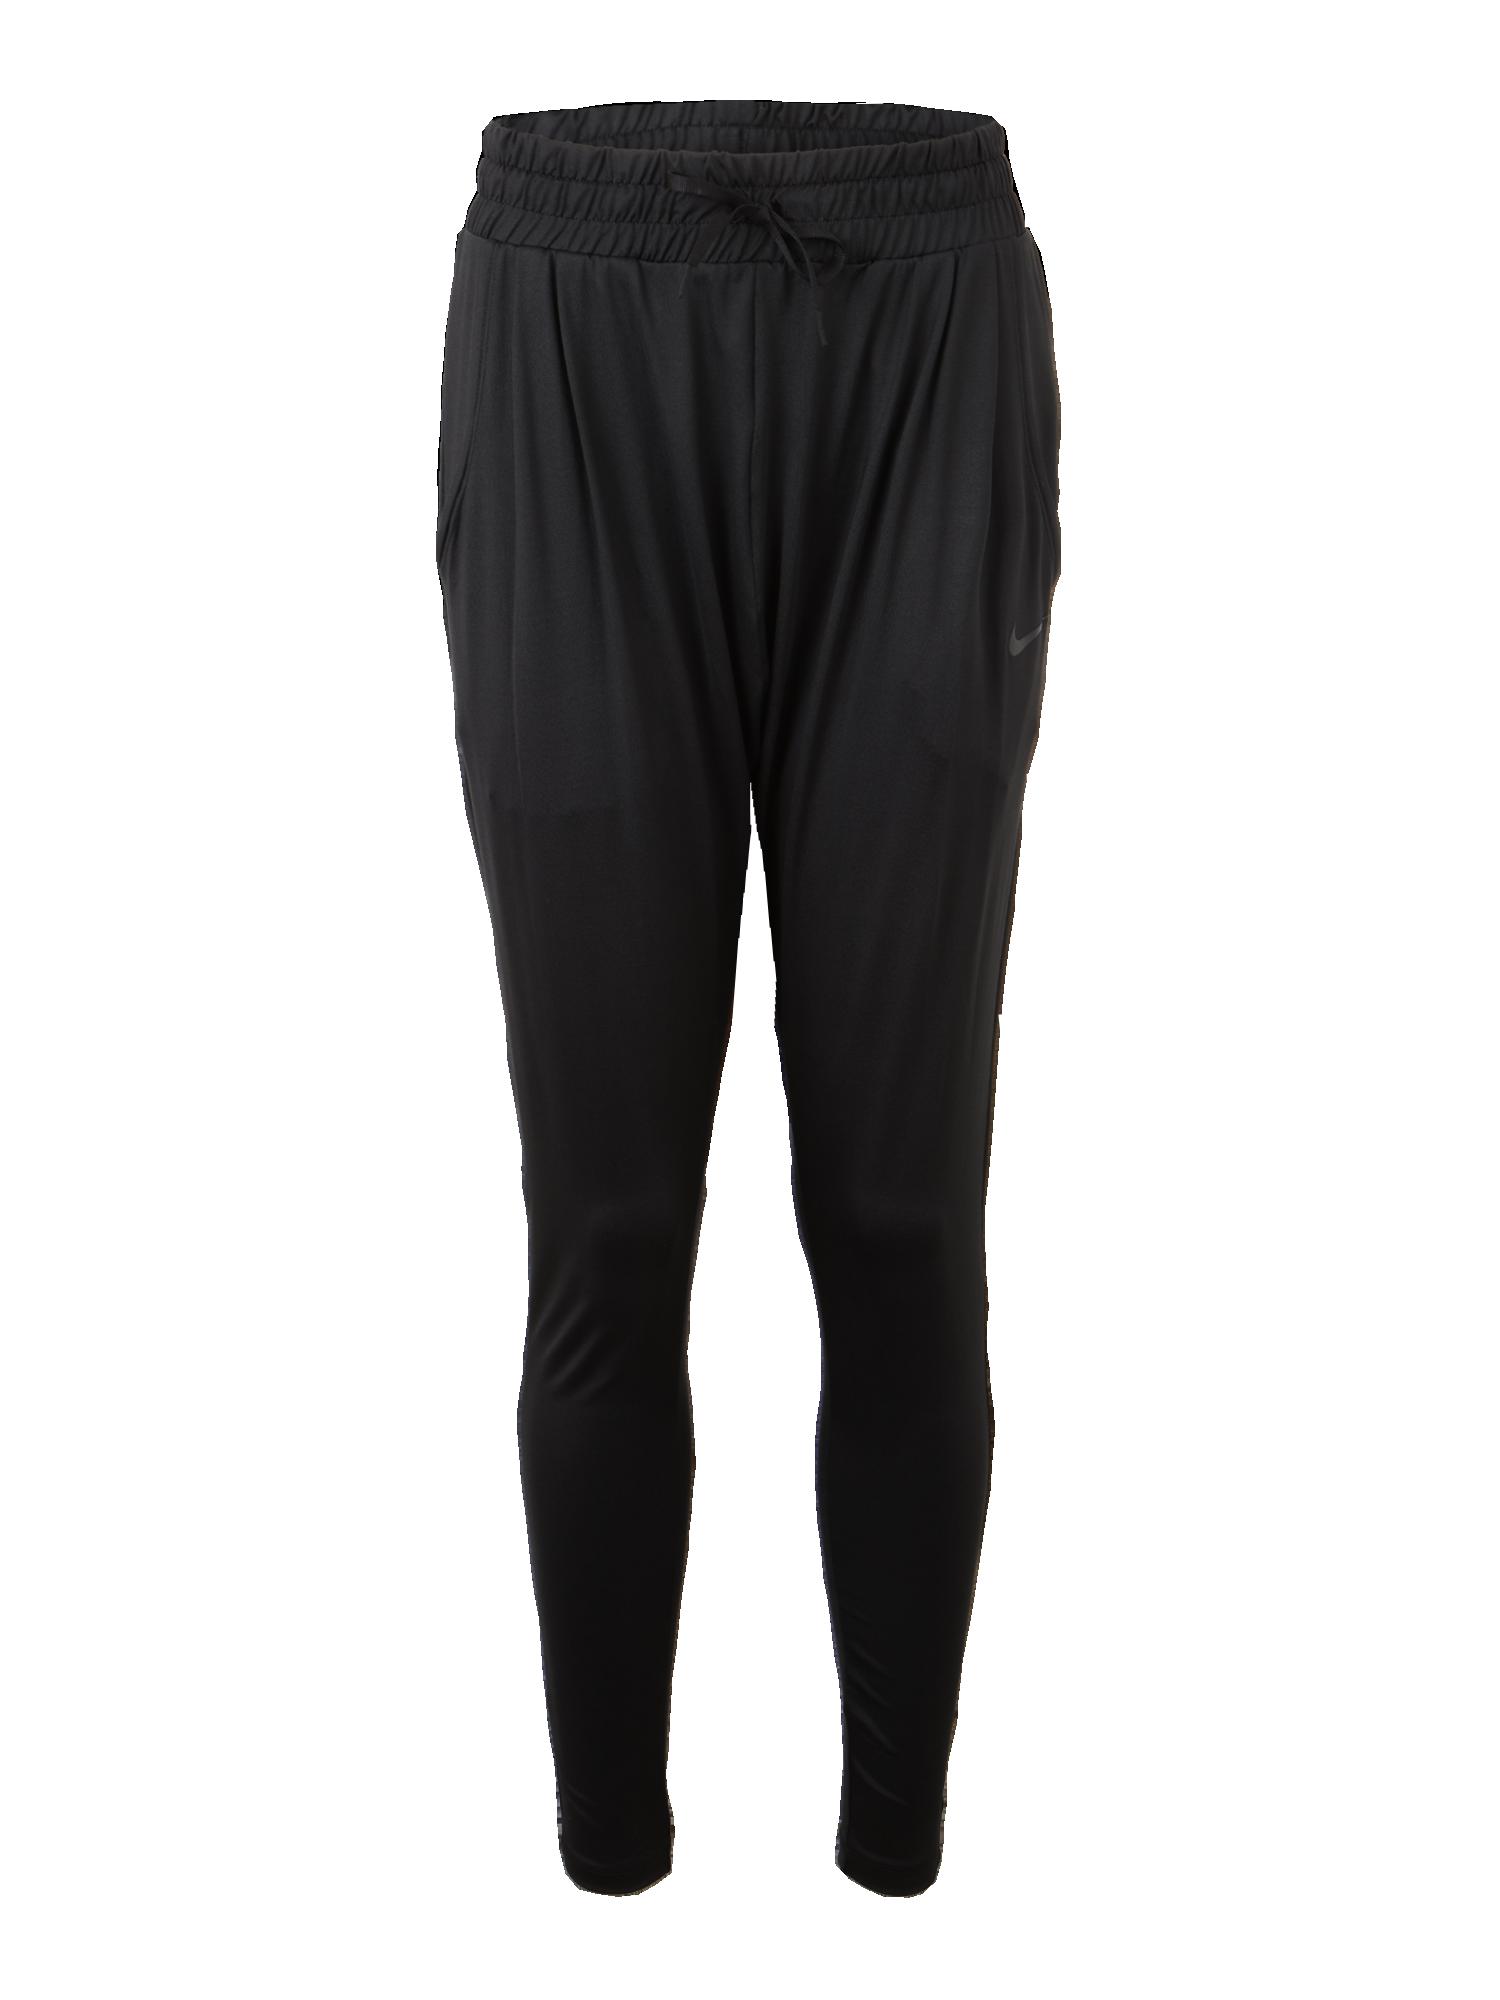 NIKE Sportovní kalhoty  FLOW LUX  černá - Glami.cz d2d50308f1